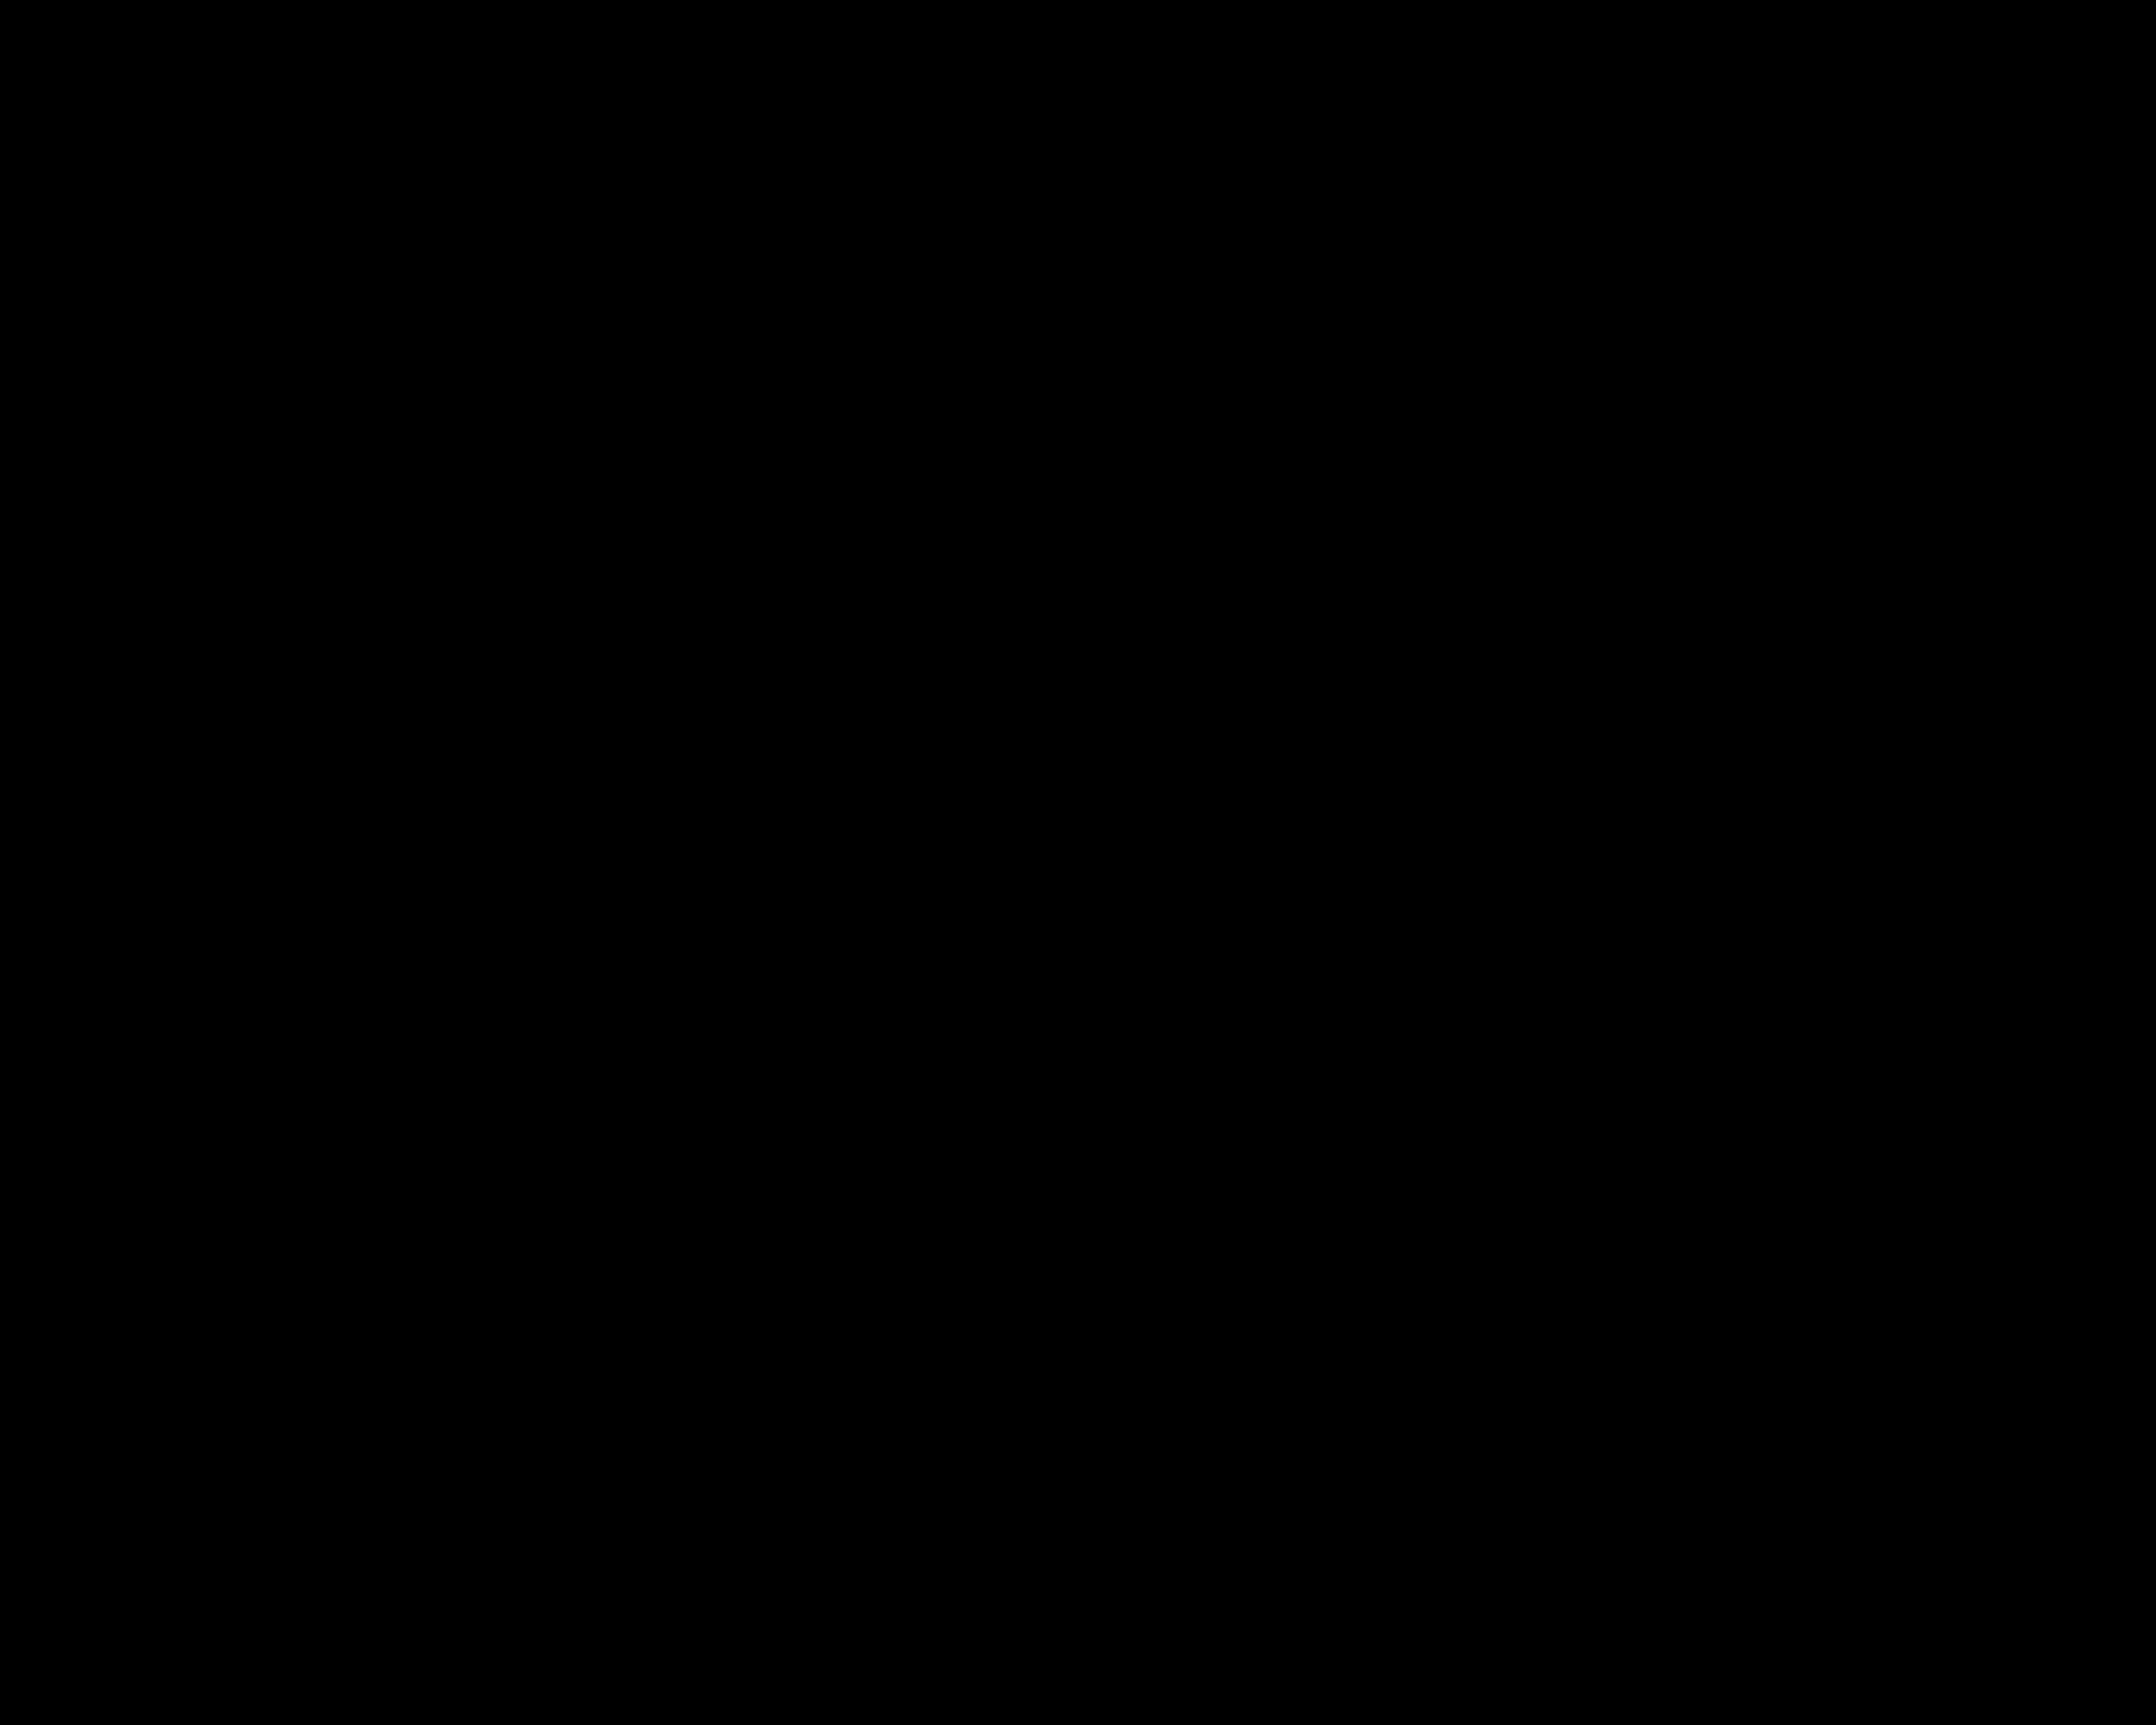 Blauer Teppich by KISKAN PROCESS, Orientteppich, gefärbter Teppich ...